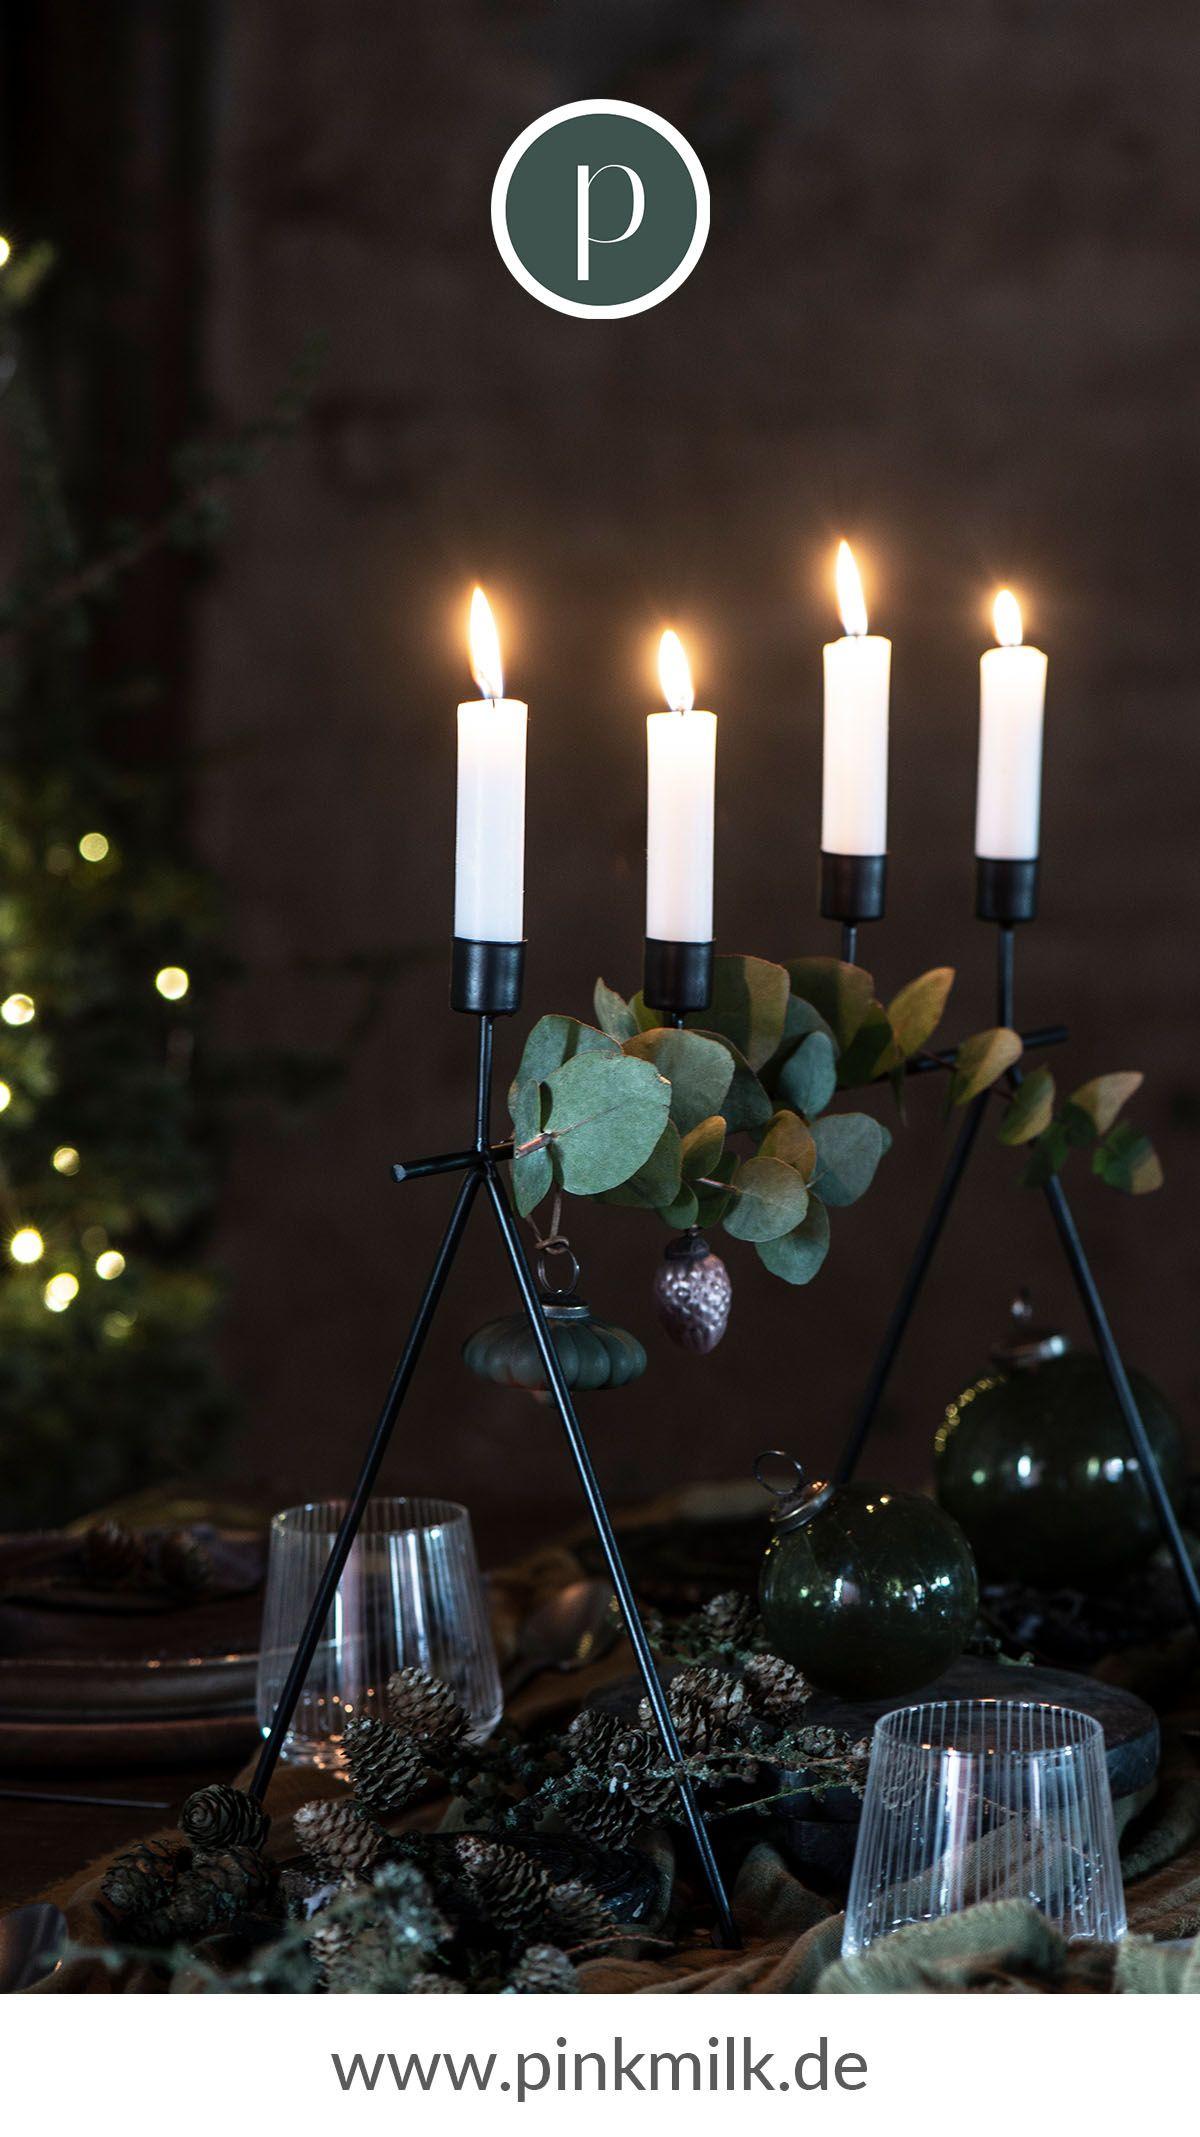 Lass dich diese Weihnachten skandinavisch inspirieren Winterlich nördlich minimalisitisch Der Stil inspiriert und versprüht ein tolles Weihnachtsgefühl